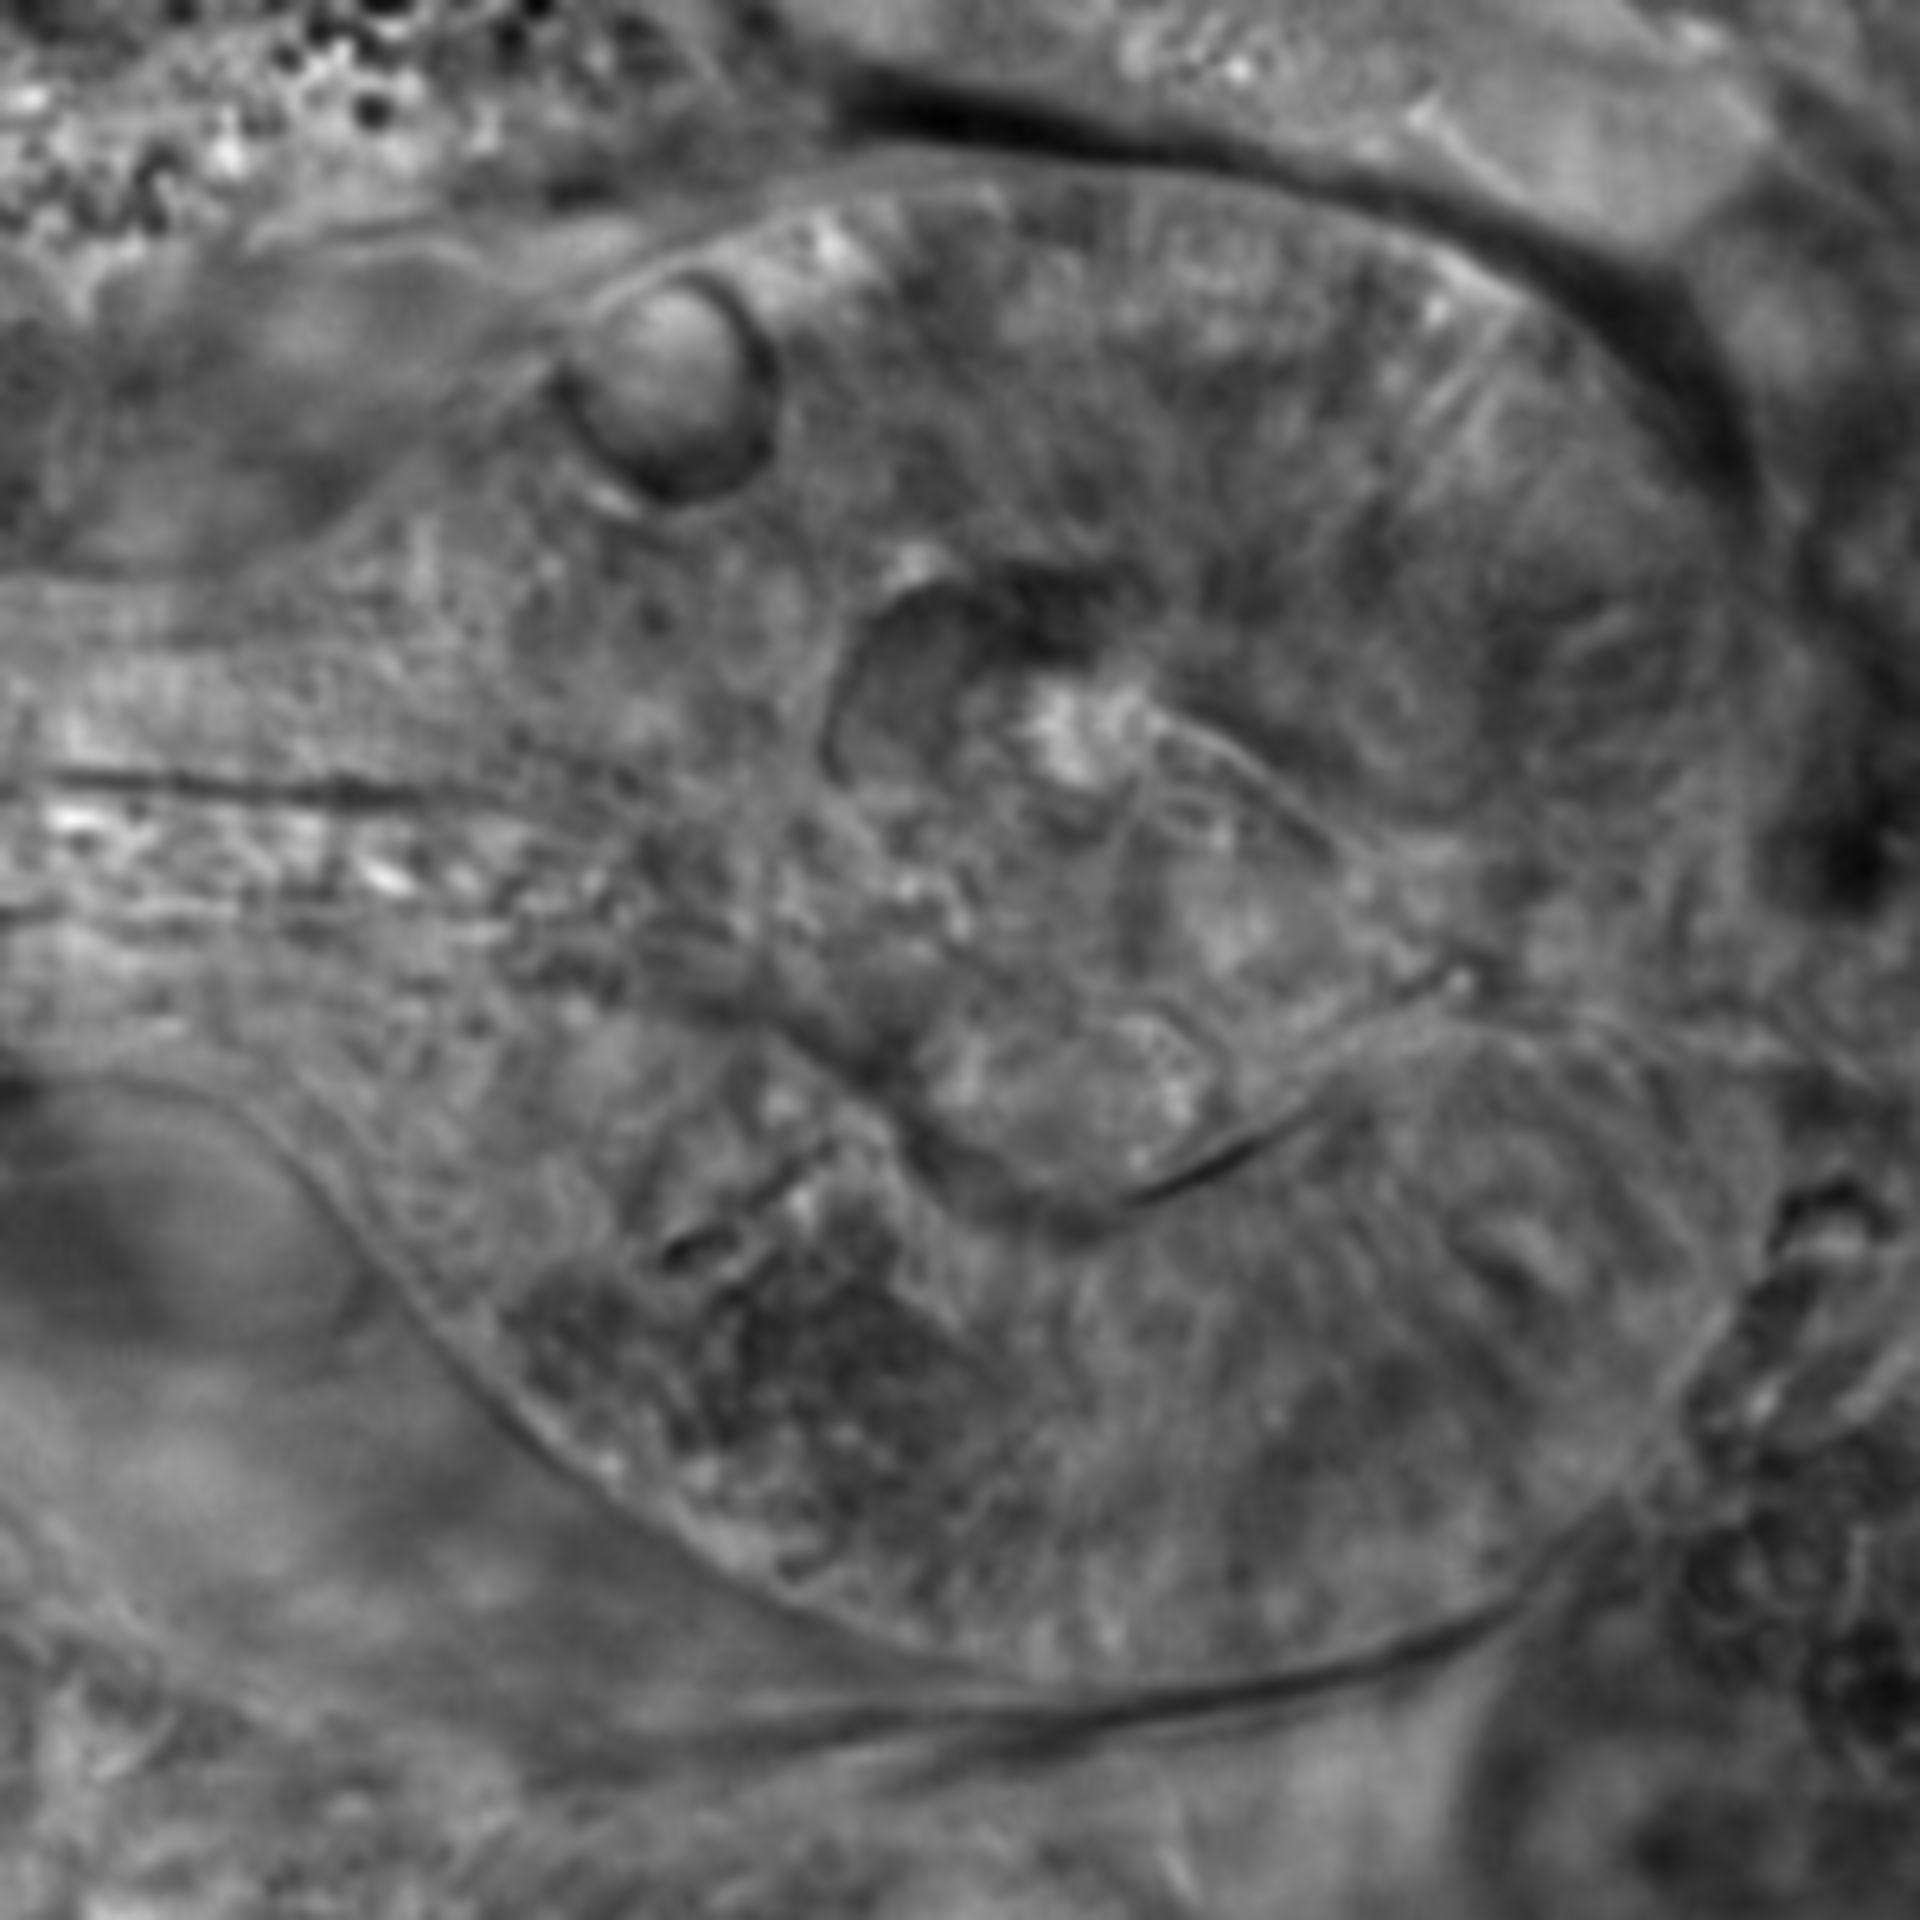 Caenorhabditis elegans - CIL:2594